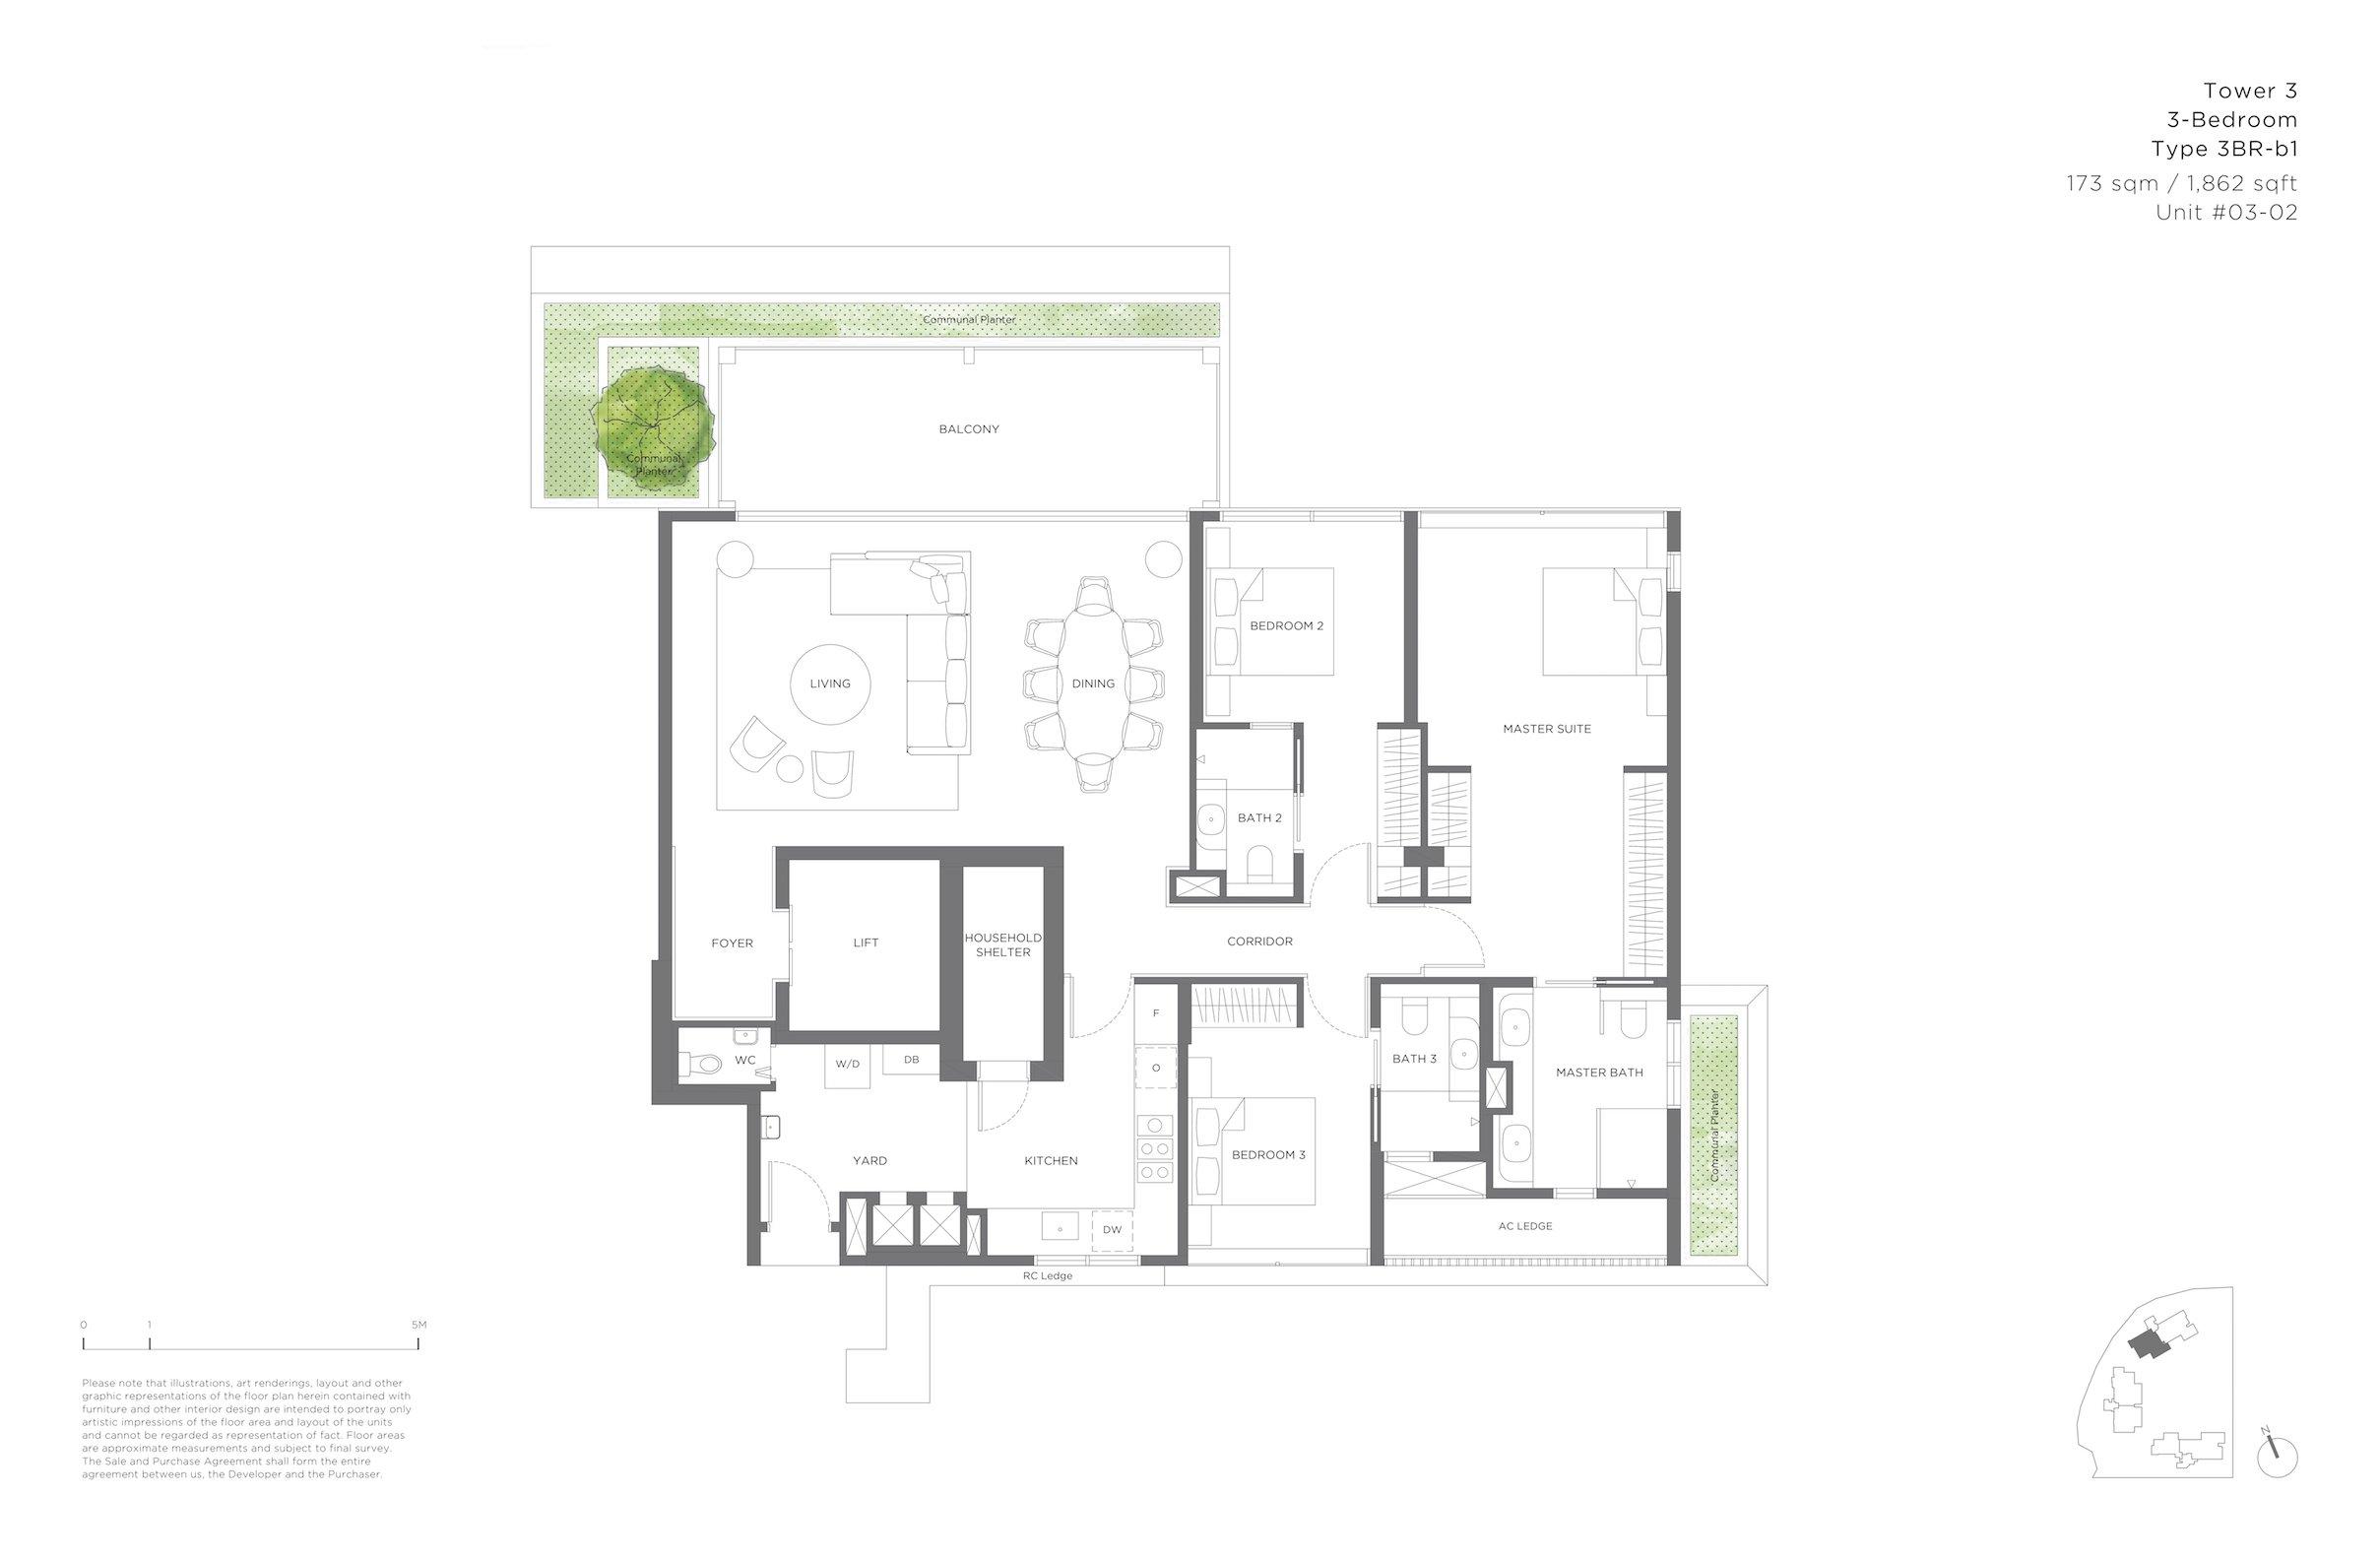 15 Holland Hill 荷兰山公寓 3-bedroom 3br-b1